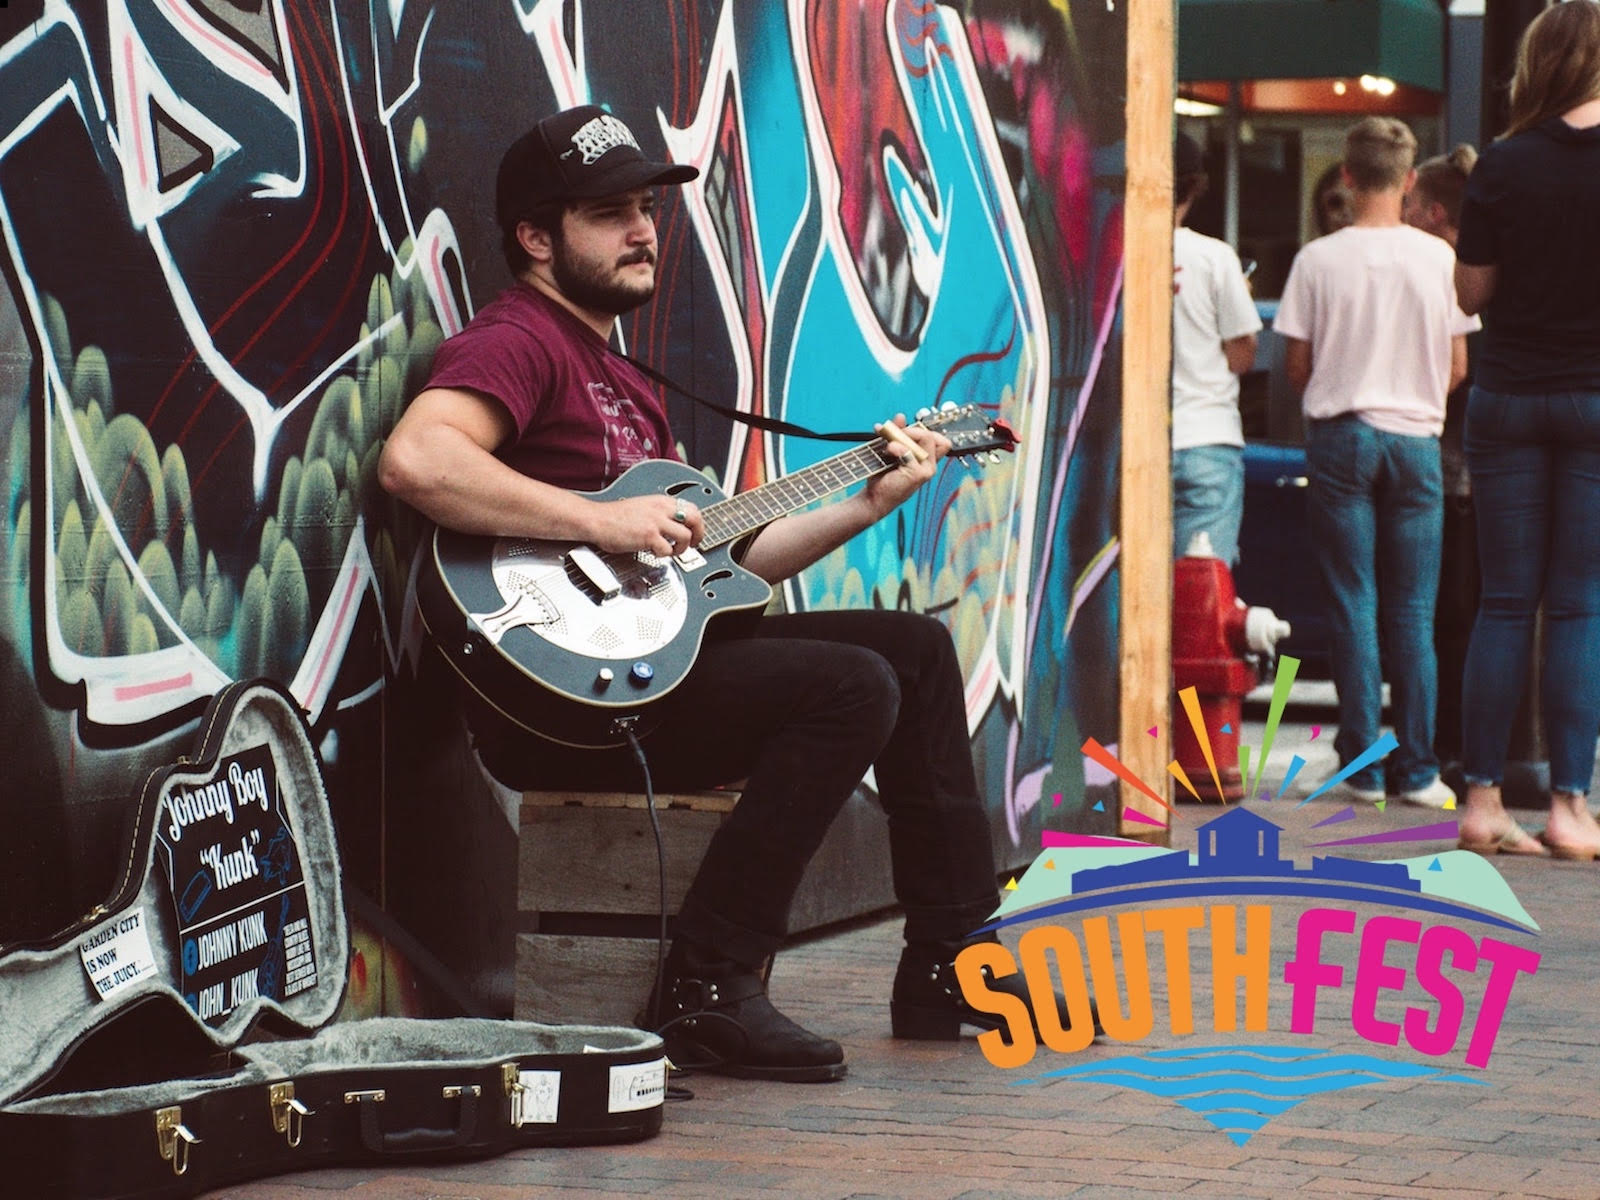 SouthFest – 24 Nov 18